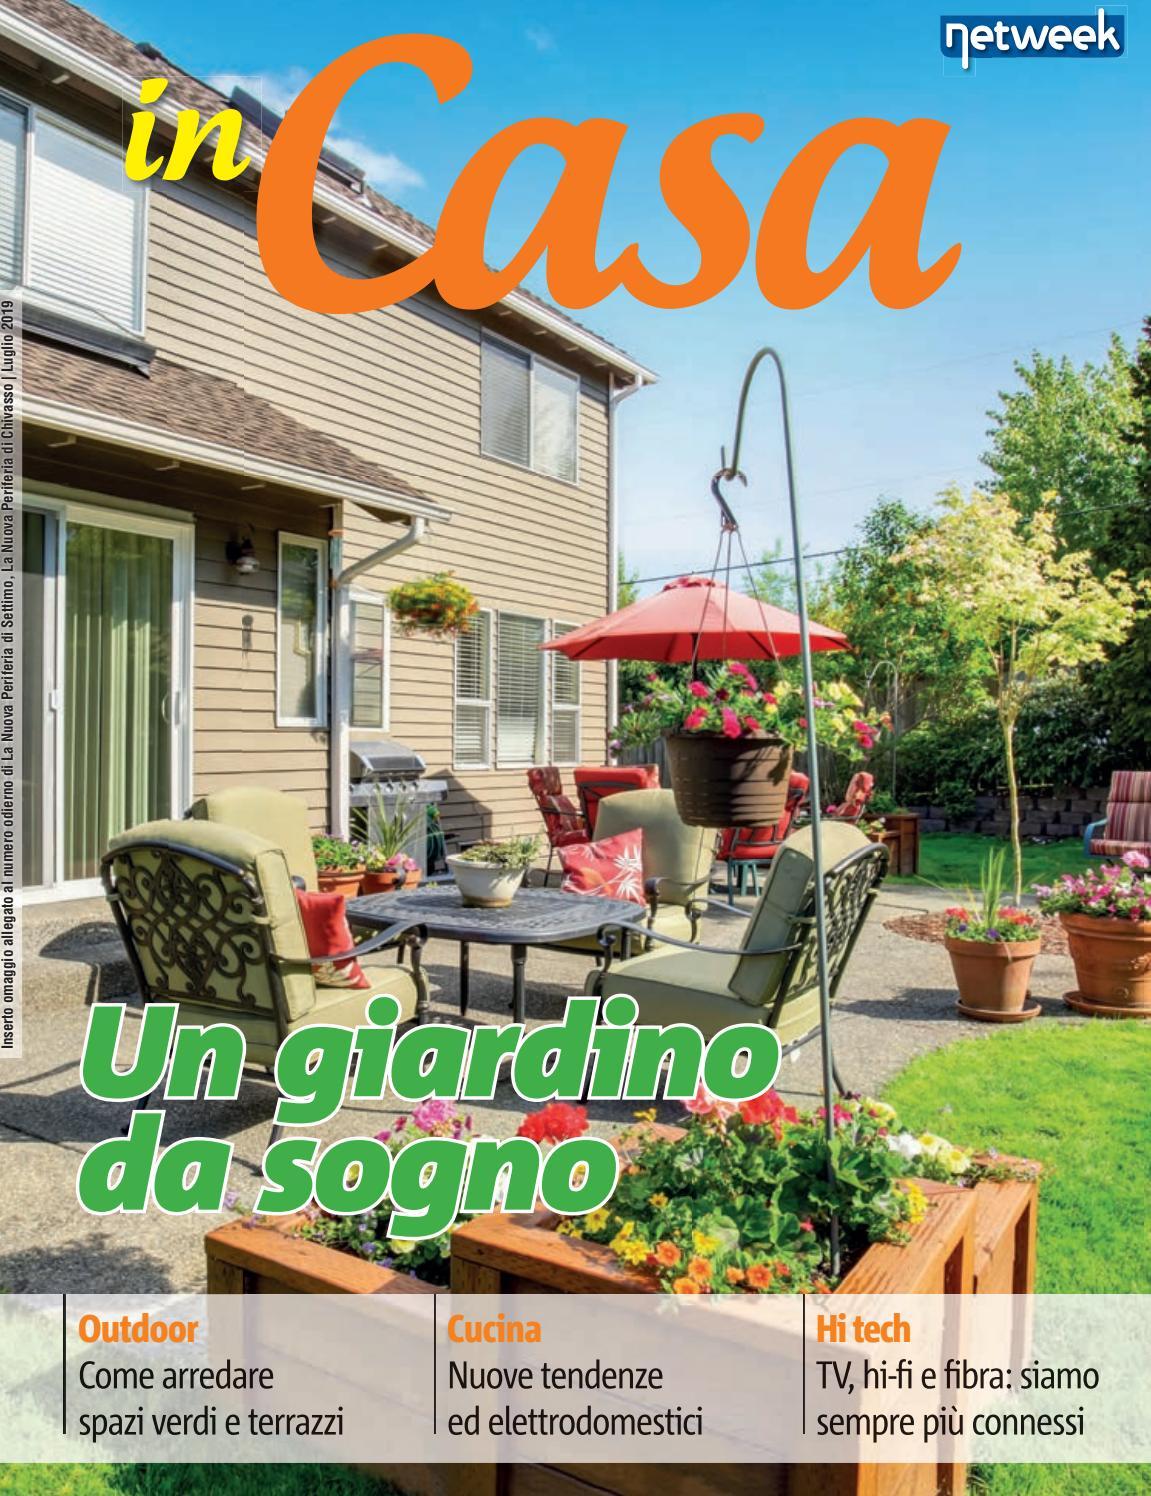 Nuova Fonte Del Materasso Bologna.Incasa Periferia N Luglio 2019 By Netweek Issuu